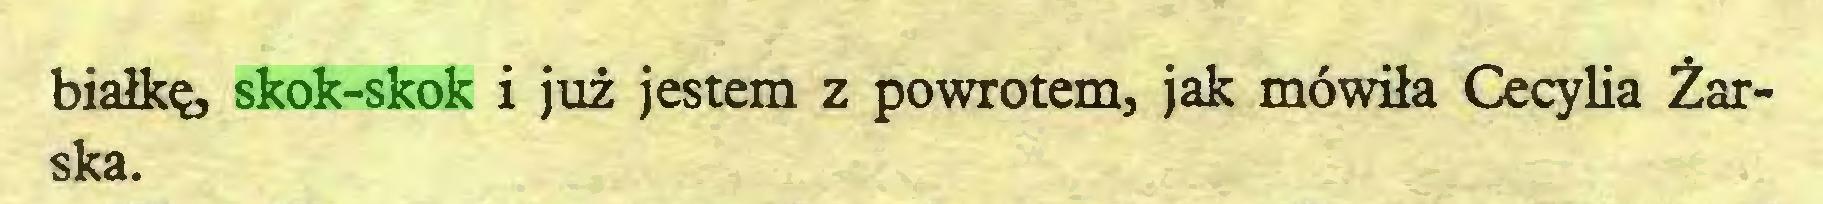 (...) białkę, skok-skok i już jestem z powrotem, jak mówiła Cecylia Żarska...